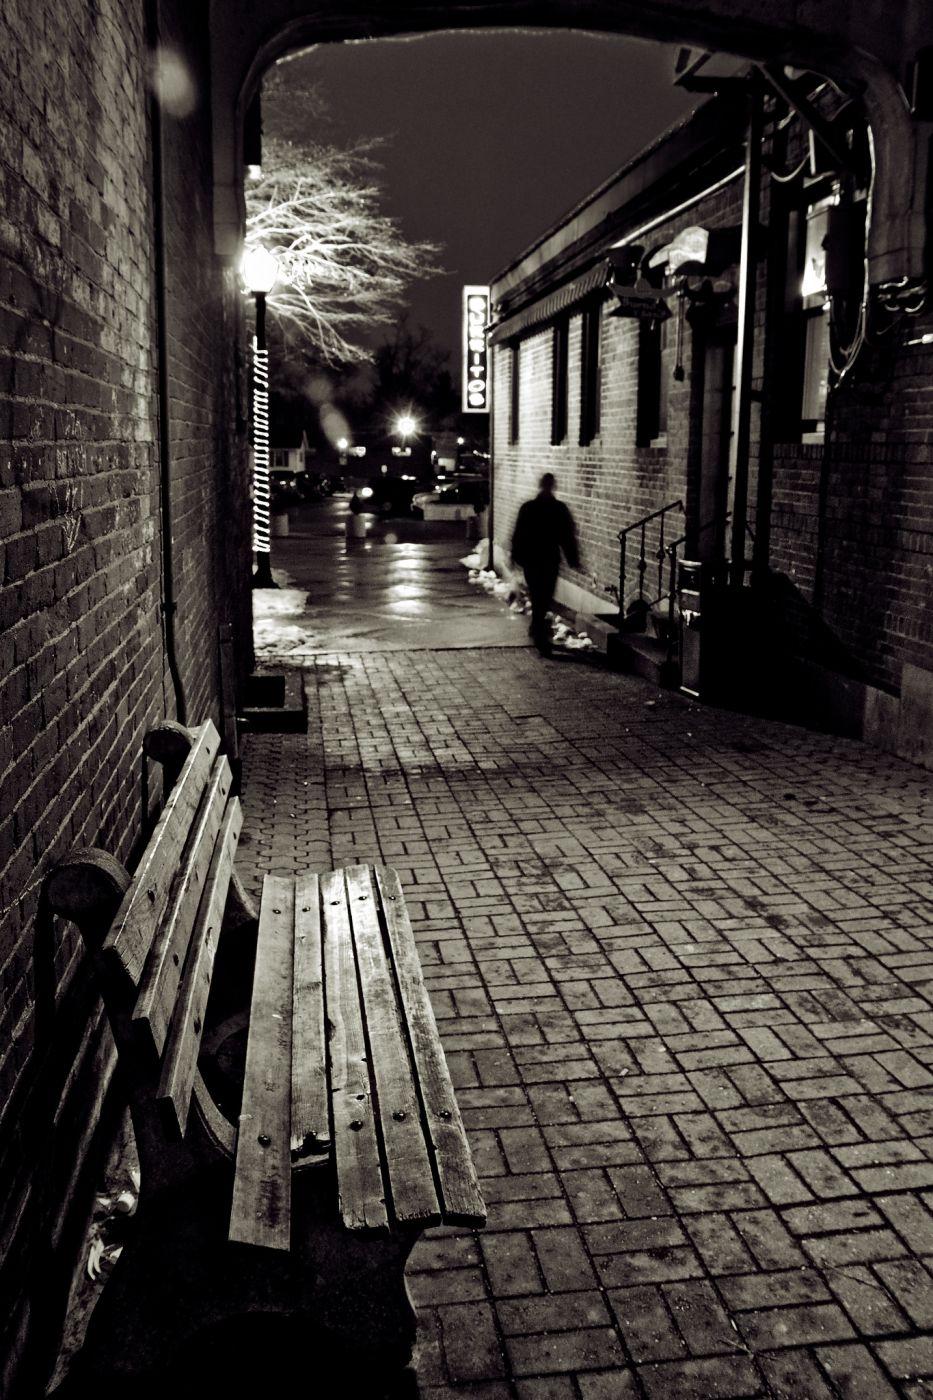 Bueno y Sano Alley, USA